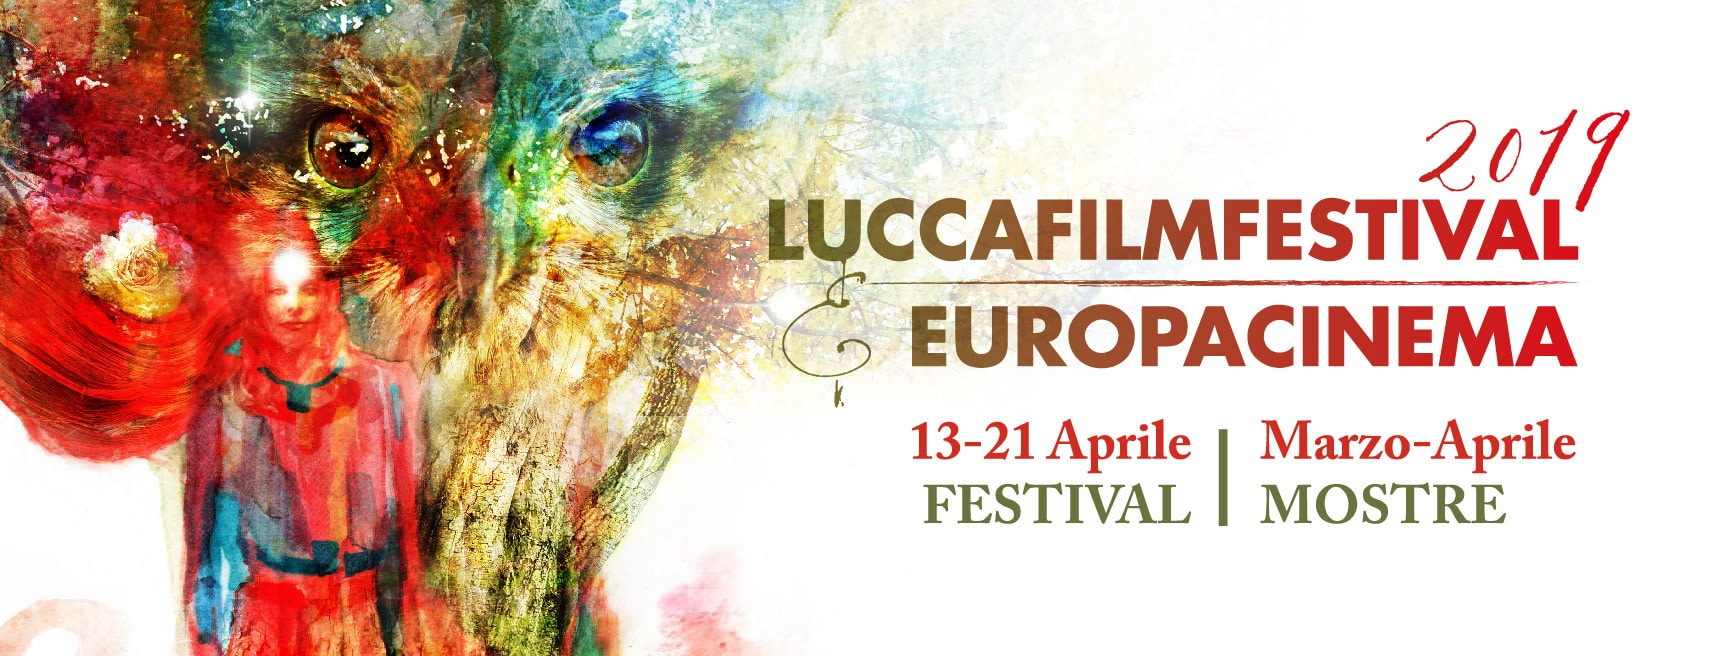 Lucca Film Festival e Europa Cinema: la 2a giornata è di